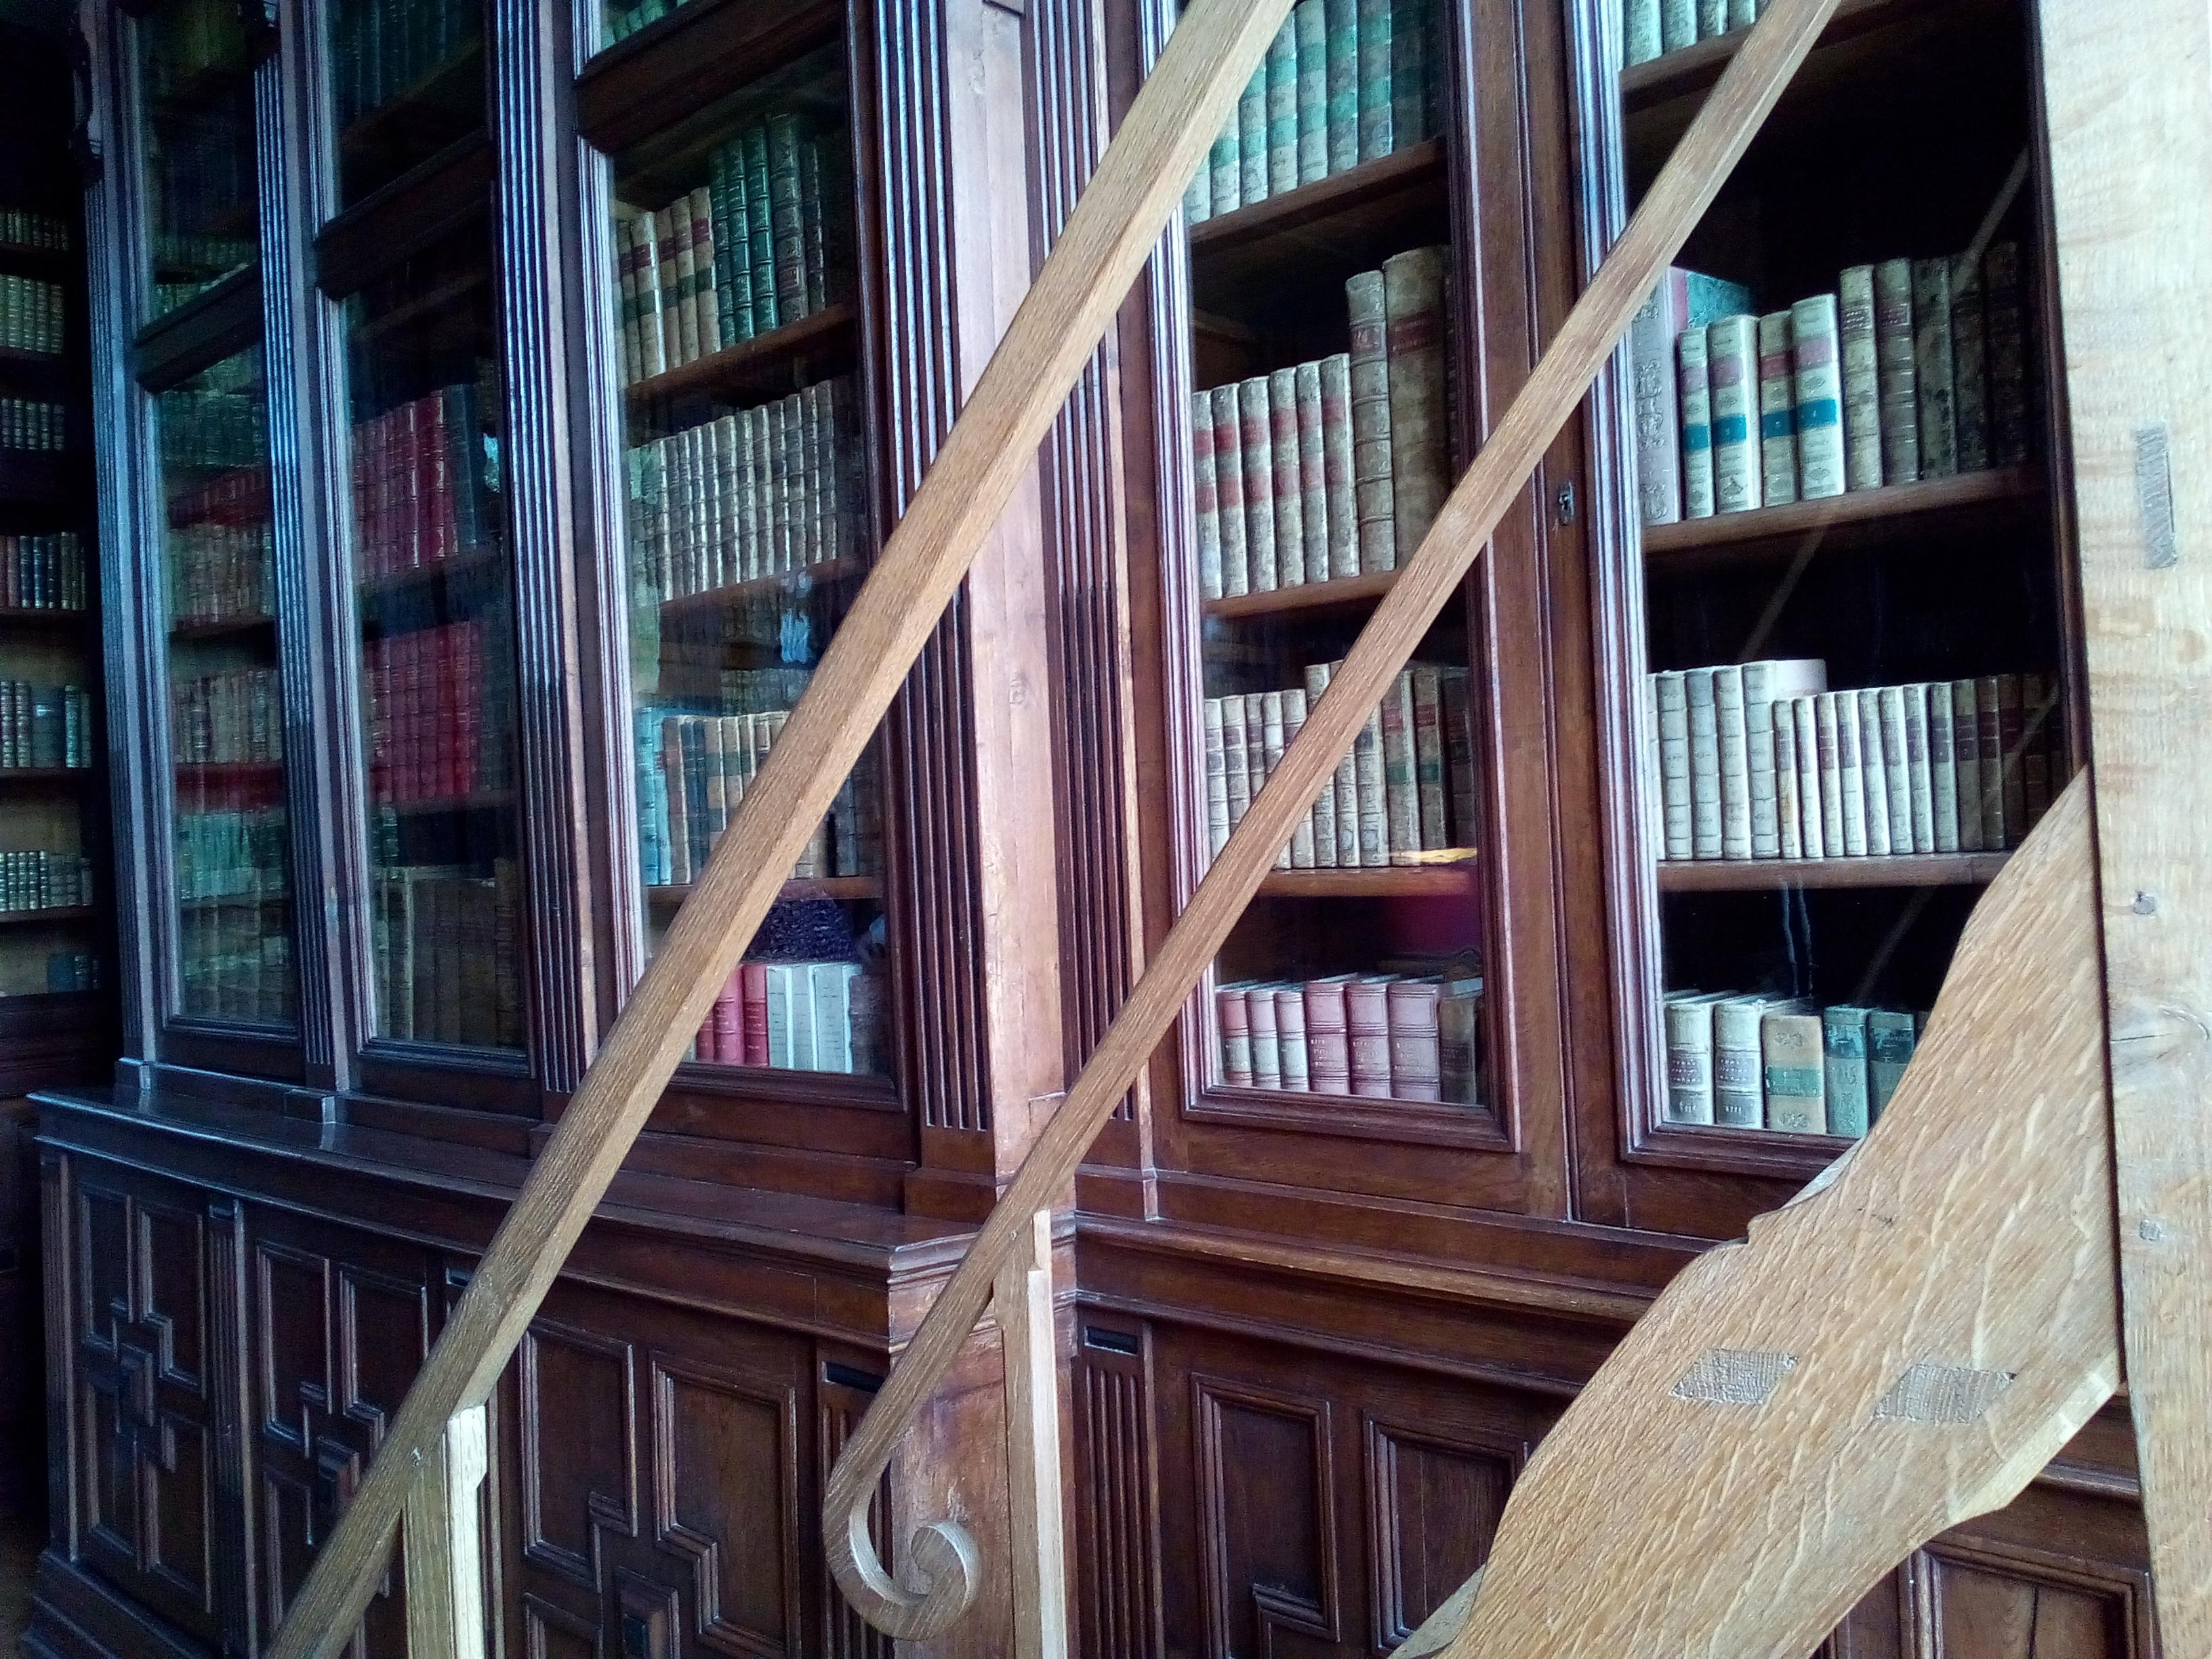 Château d'Ancy-le-Franc la Bibliothèque